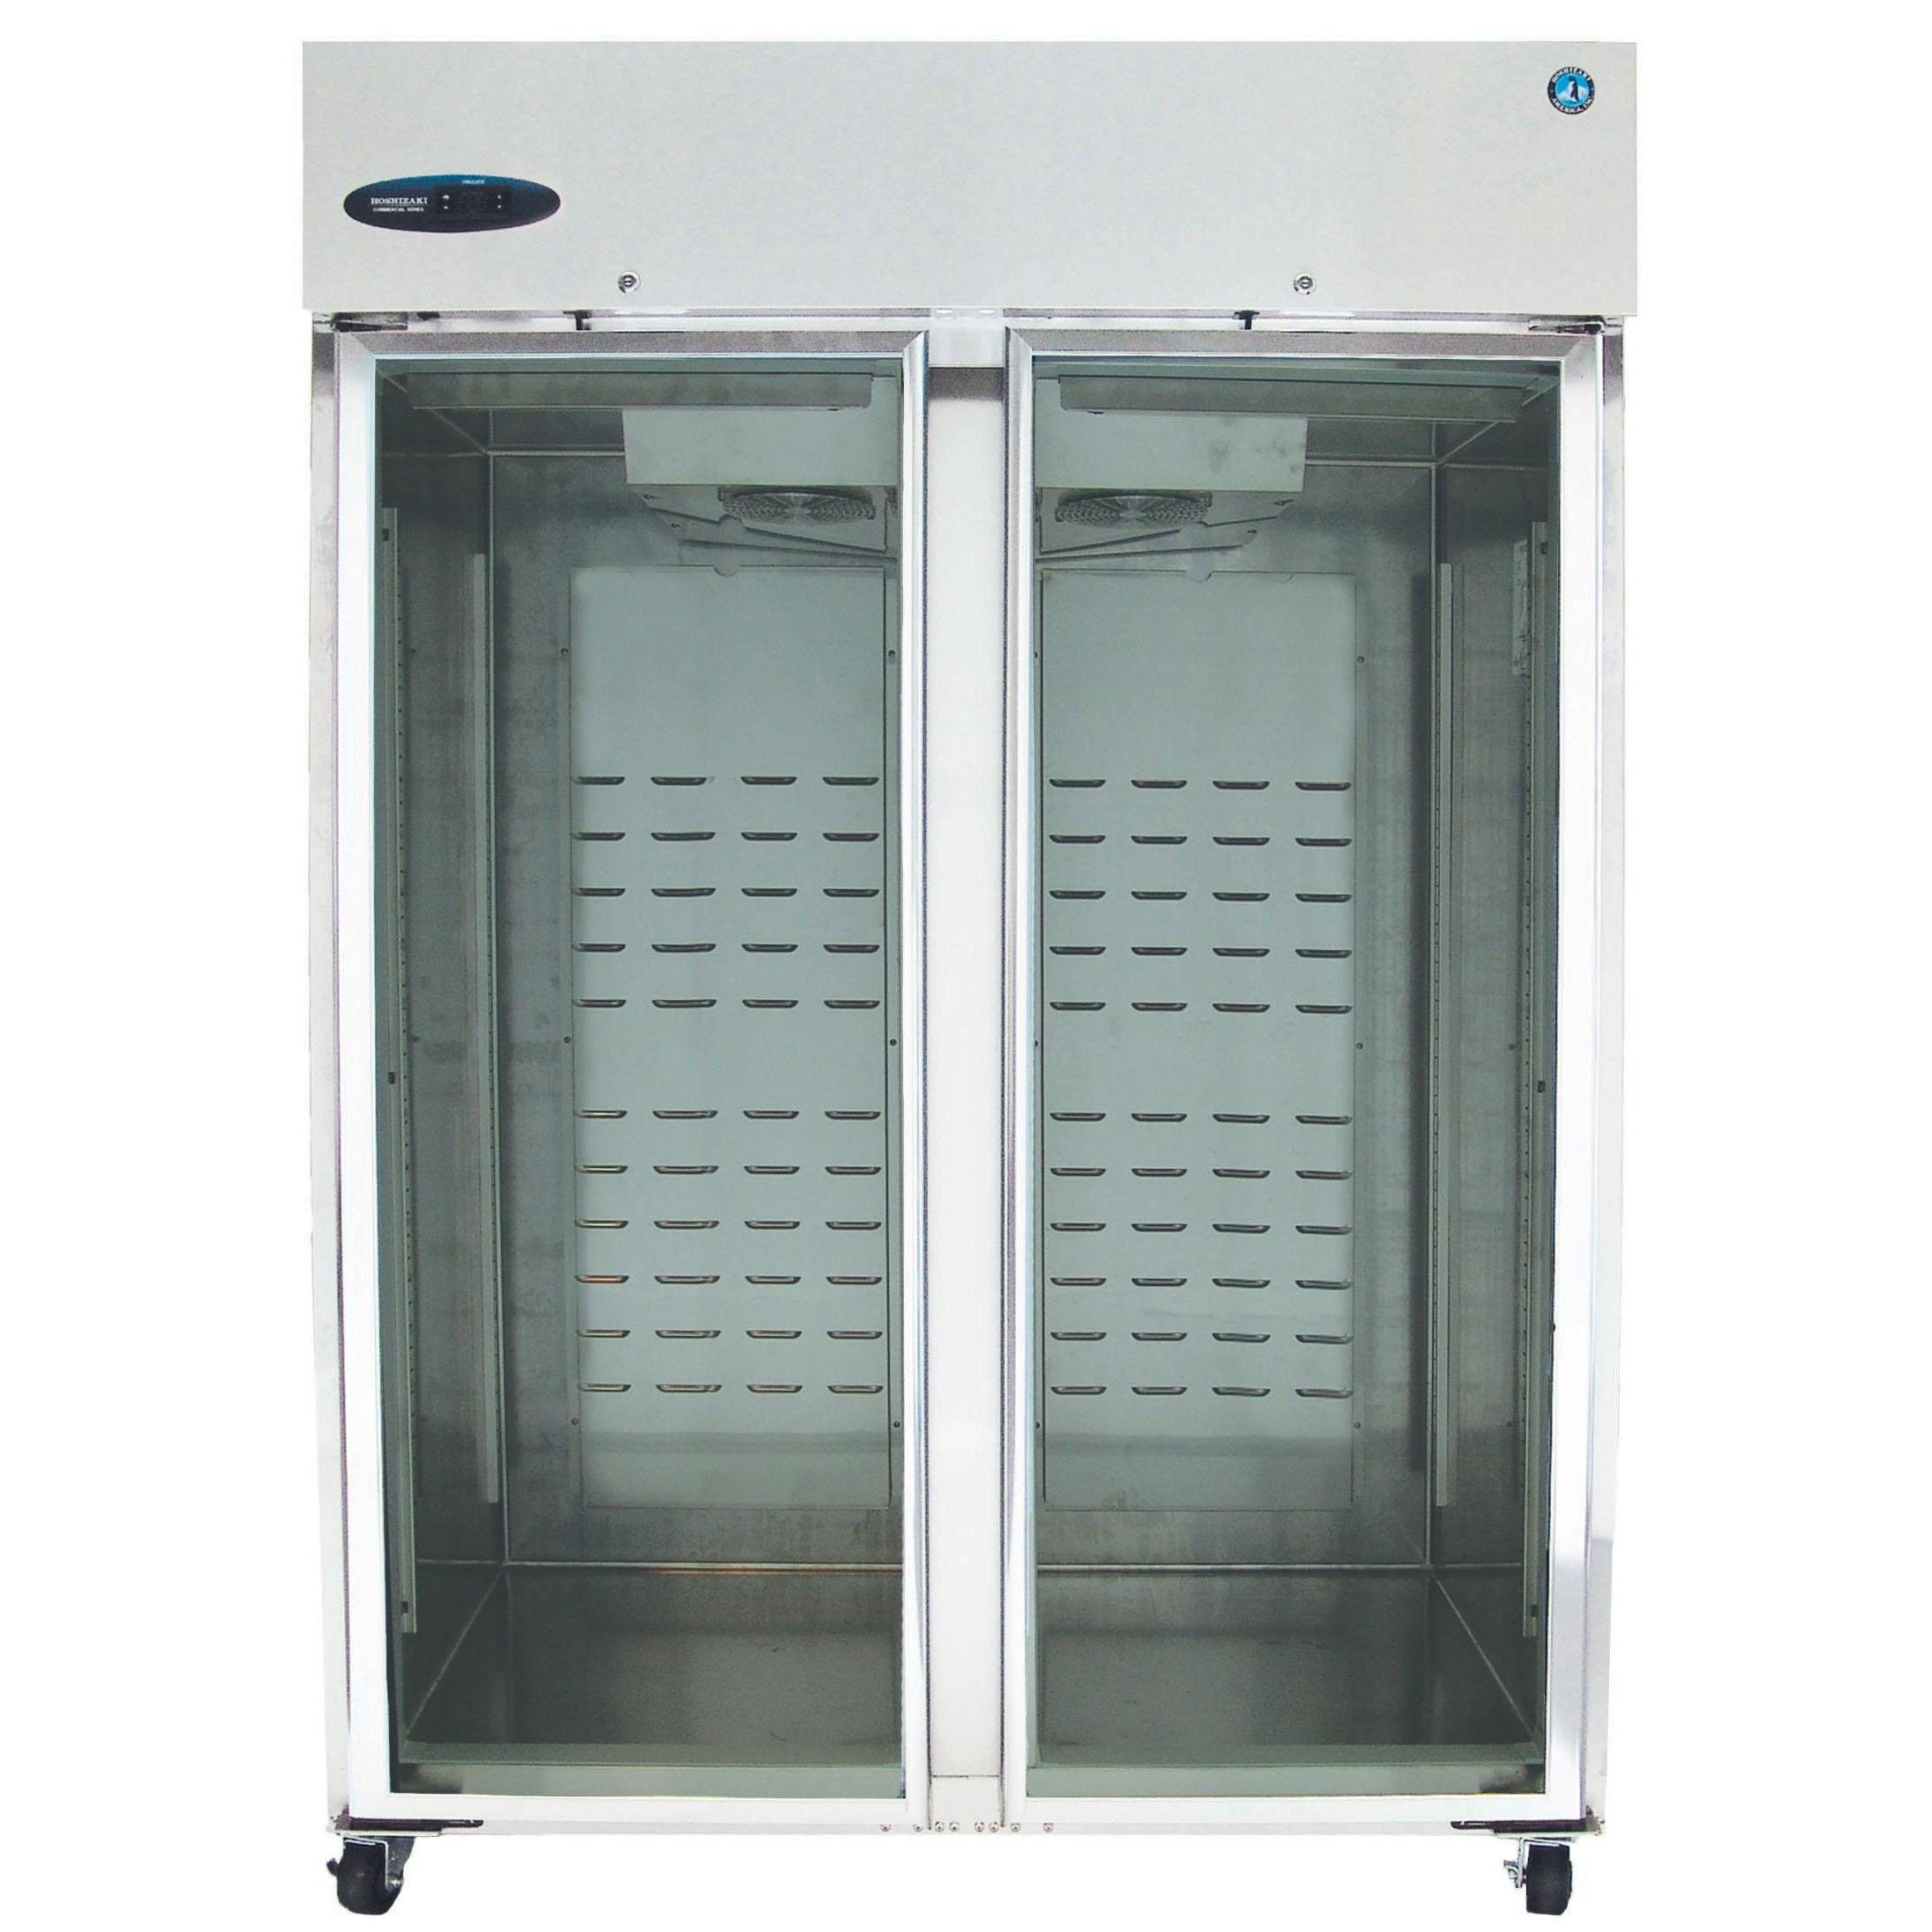 51 Cu. Ft. Glass Door Reach-In Freezer